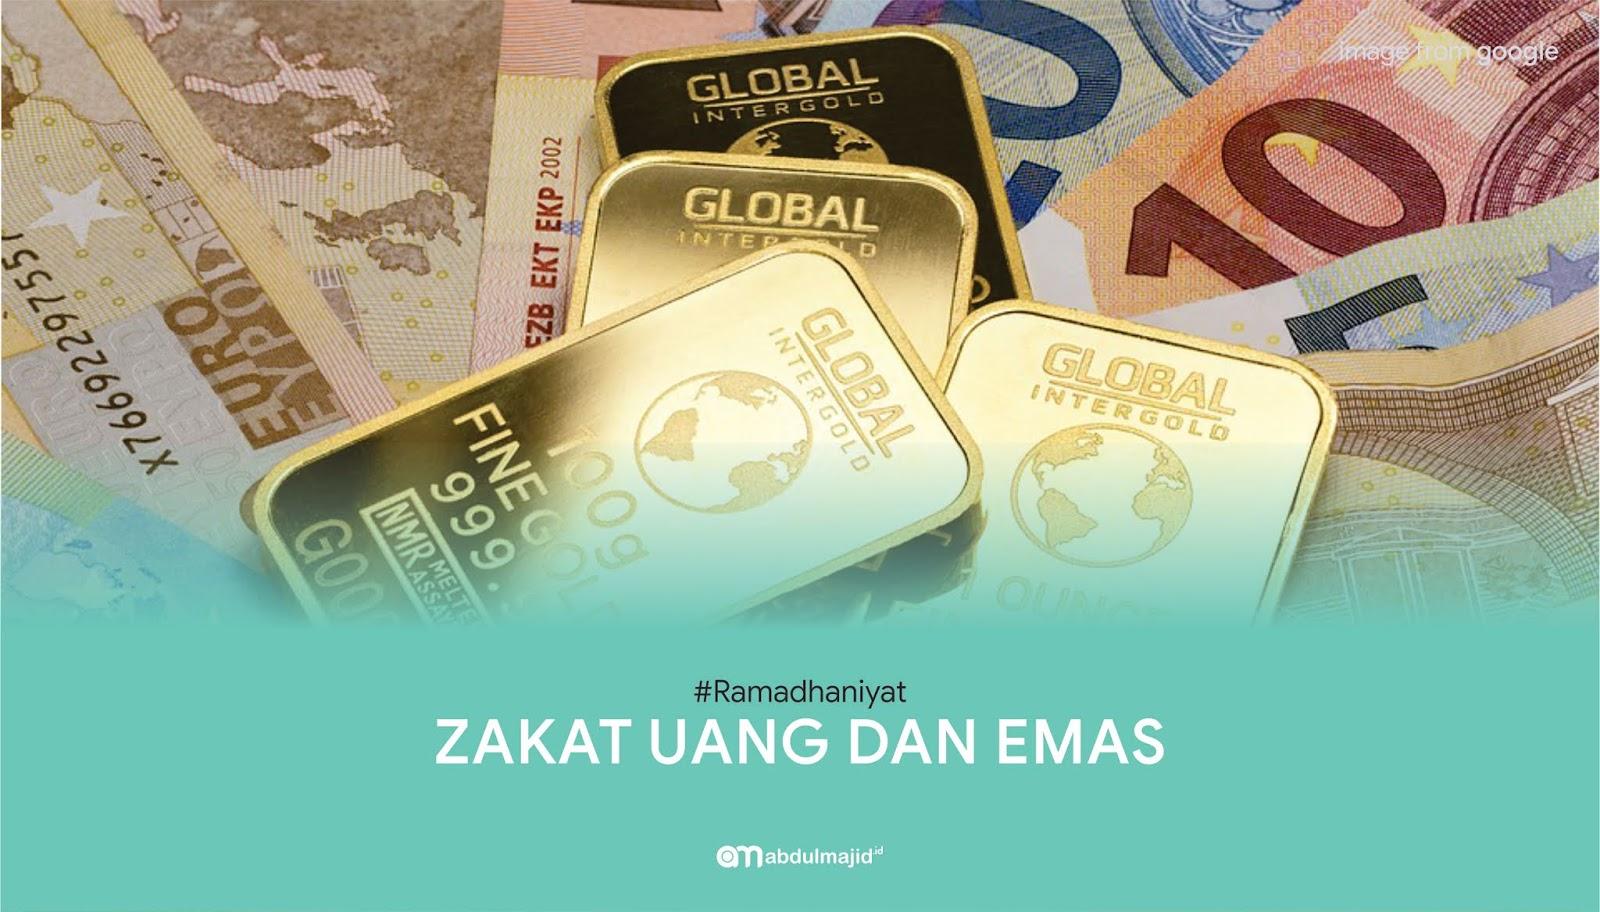 zakat-uang-dan-emas